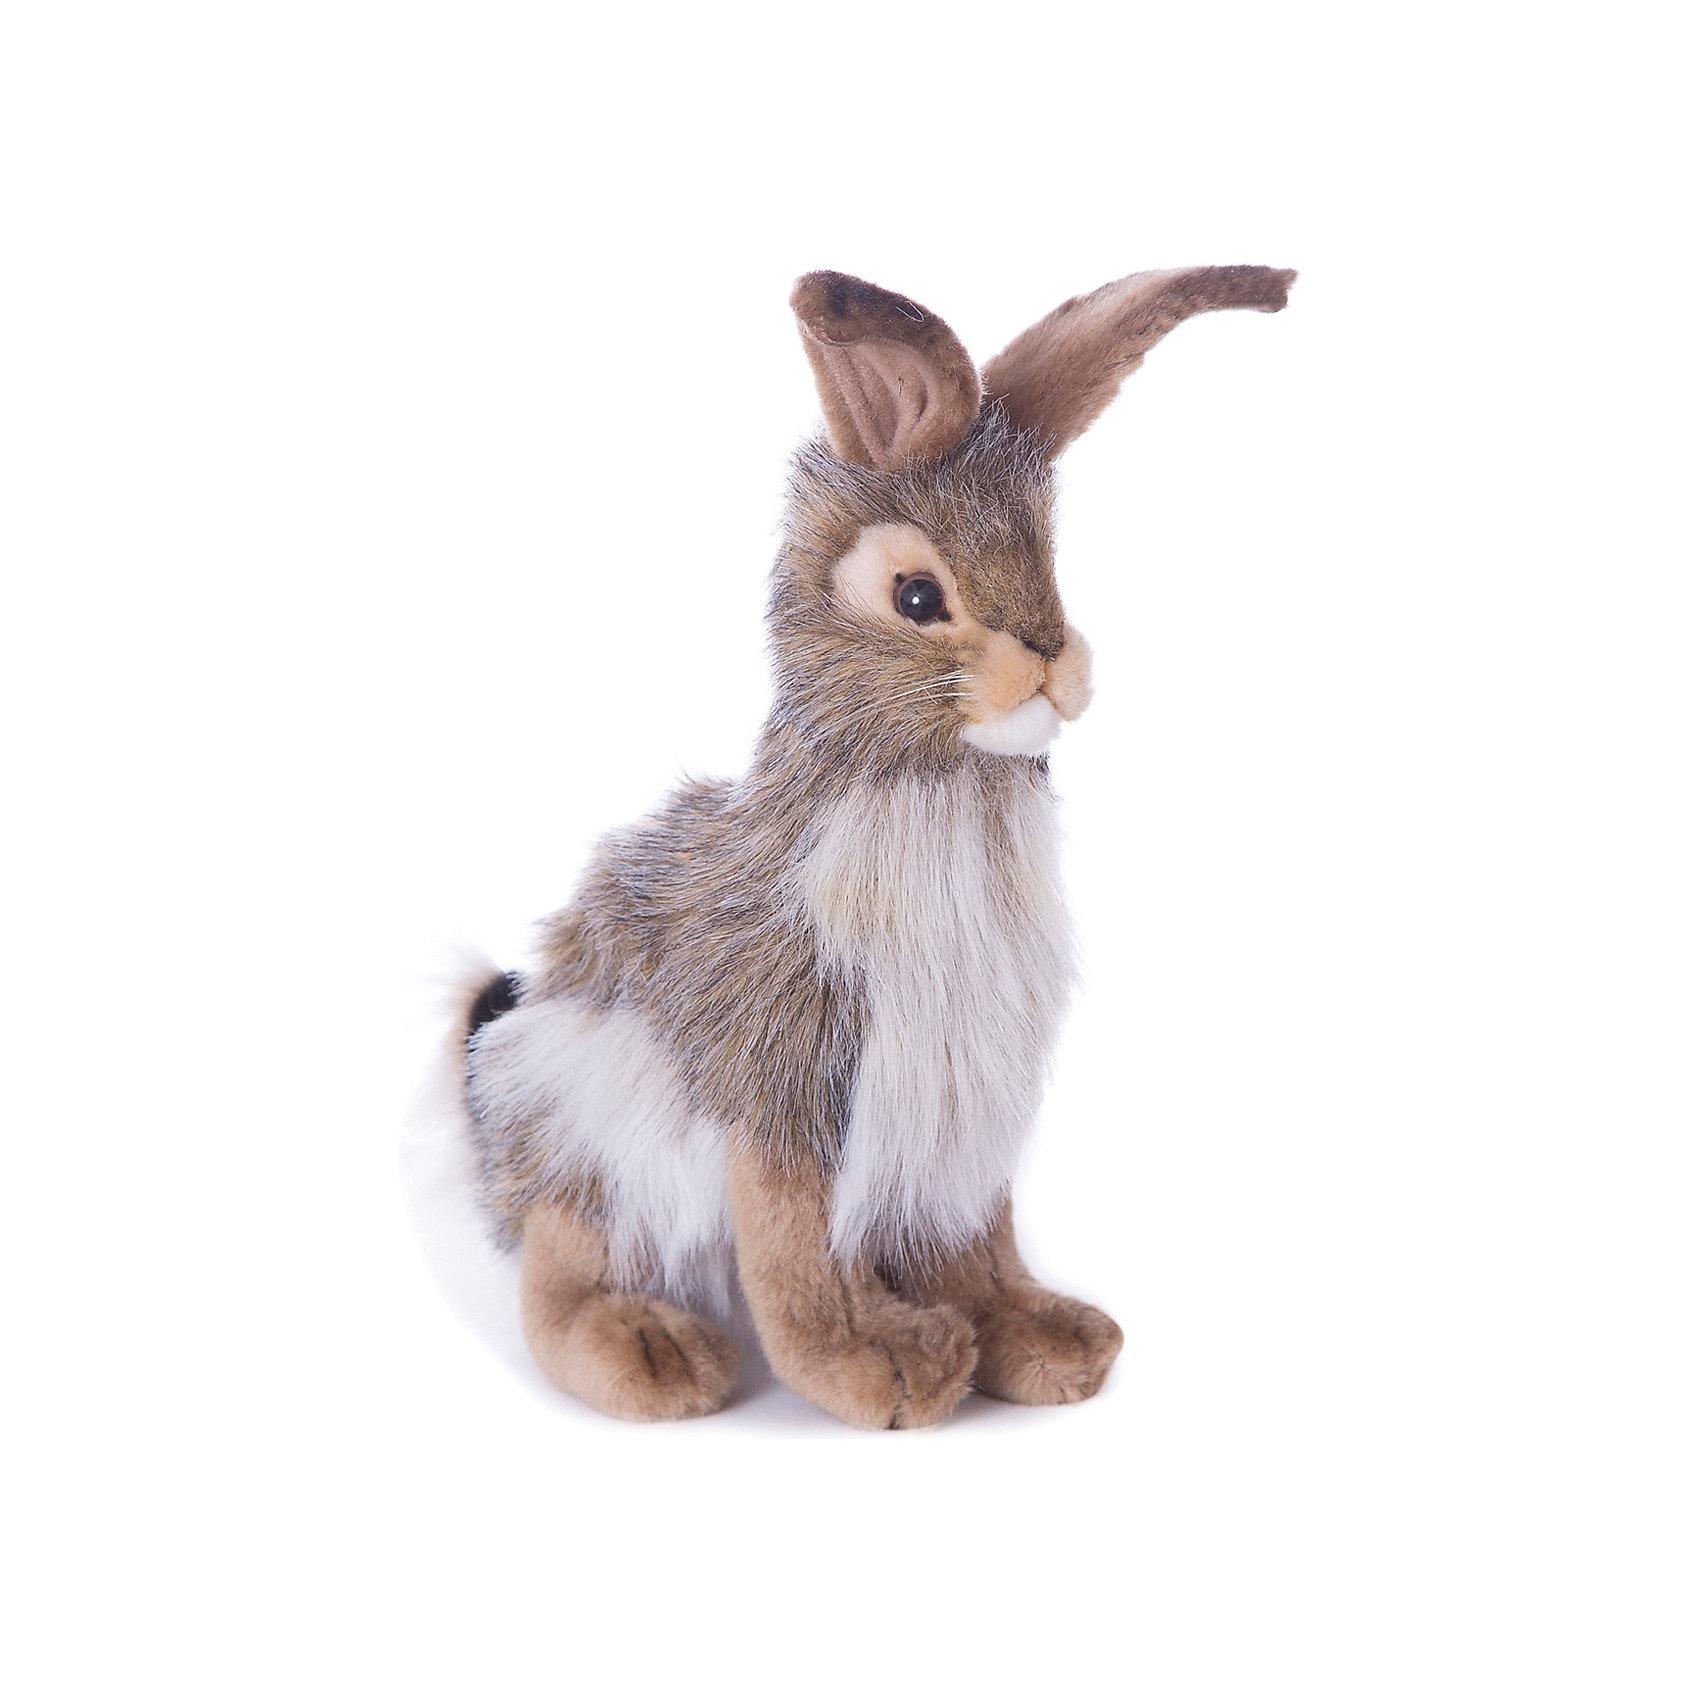 Чернохвостый заяц, 23 смЗайцы и кролики<br>Чернохвостый заяц, 23 см – игрушка от знаменитого бренда Hansa, специализирующегося на выпуске мягких игрушек с высокой степенью натуралистичности. Внешний вид игрушечного зайца полностью соответствует реальному прототипу – чернохвостому (калифорнийскому) зайцу. Он выполнен из искусственного меха с ворсом разной длины: туловище и мордочка – из длинного меха пестрого окраса, короткий мех коричневого цвета – на лапках и ушках. Использованные материалы обладают гипоаллергенными свойствами. Внутри игрушки имеется металлический каркас, позволяющий изменять положение. <br>Игрушка относится к серии Дикие животные. <br>Мягкие игрушки от Hansa подходят для сюжетно-ролевых игр, для обучающих игр, направленных на знакомство с животным миром дикой природы. Кроме того, их можно использовать в качестве интерьерных игрушек. Коллекция из нескольких игрушек позволяет создать свою домашнюю ферму, которая будет радовать вашего ребенка долгое время, так как ручная работа и качественные материалы гарантируют их долговечность и прочность.<br><br>Дополнительная информация:<br><br>- Вид игр: сюжетно-ролевые игры, коллекционирование, интерьерные игрушки<br>- Предназначение: для дома, для детских развивающих центров, для детских садов<br>- Материал: искусственный мех, наполнитель ? полиэфирное волокно<br>- Размер (ДхШхВ): 18*23*12 см<br>- Вес: 280 г<br>- Особенности ухода: сухая чистка при помощи пылесоса или щетки для одежды<br><br>Подробнее:<br><br>• Для детей в возрасте: от 3 лет <br>• Страна производитель: Филиппины<br>• Торговый бренд: Hansa<br><br>Чернохвостого зайца, 23 см можно купить в нашем интернет-магазине.<br><br>Ширина мм: 18<br>Глубина мм: 23<br>Высота мм: 12<br>Вес г: 280<br>Возраст от месяцев: 36<br>Возраст до месяцев: 2147483647<br>Пол: Унисекс<br>Возраст: Детский<br>SKU: 4927164